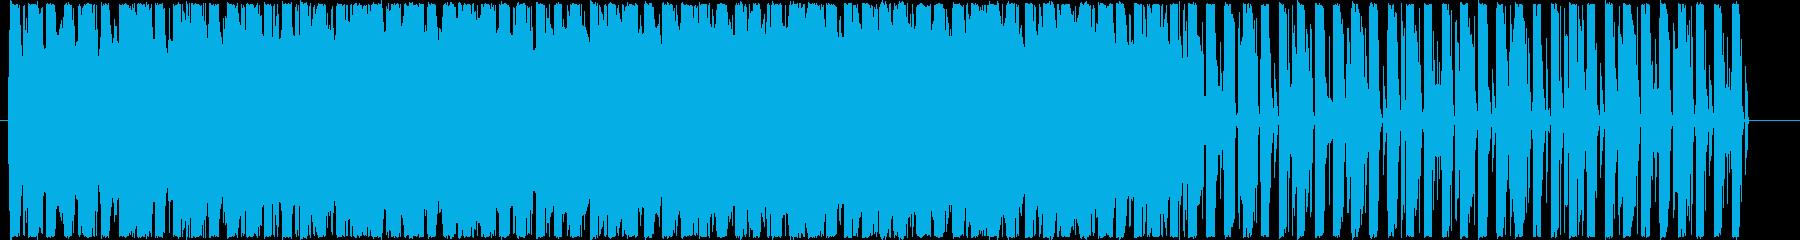 スローテンポなループ音源の再生済みの波形